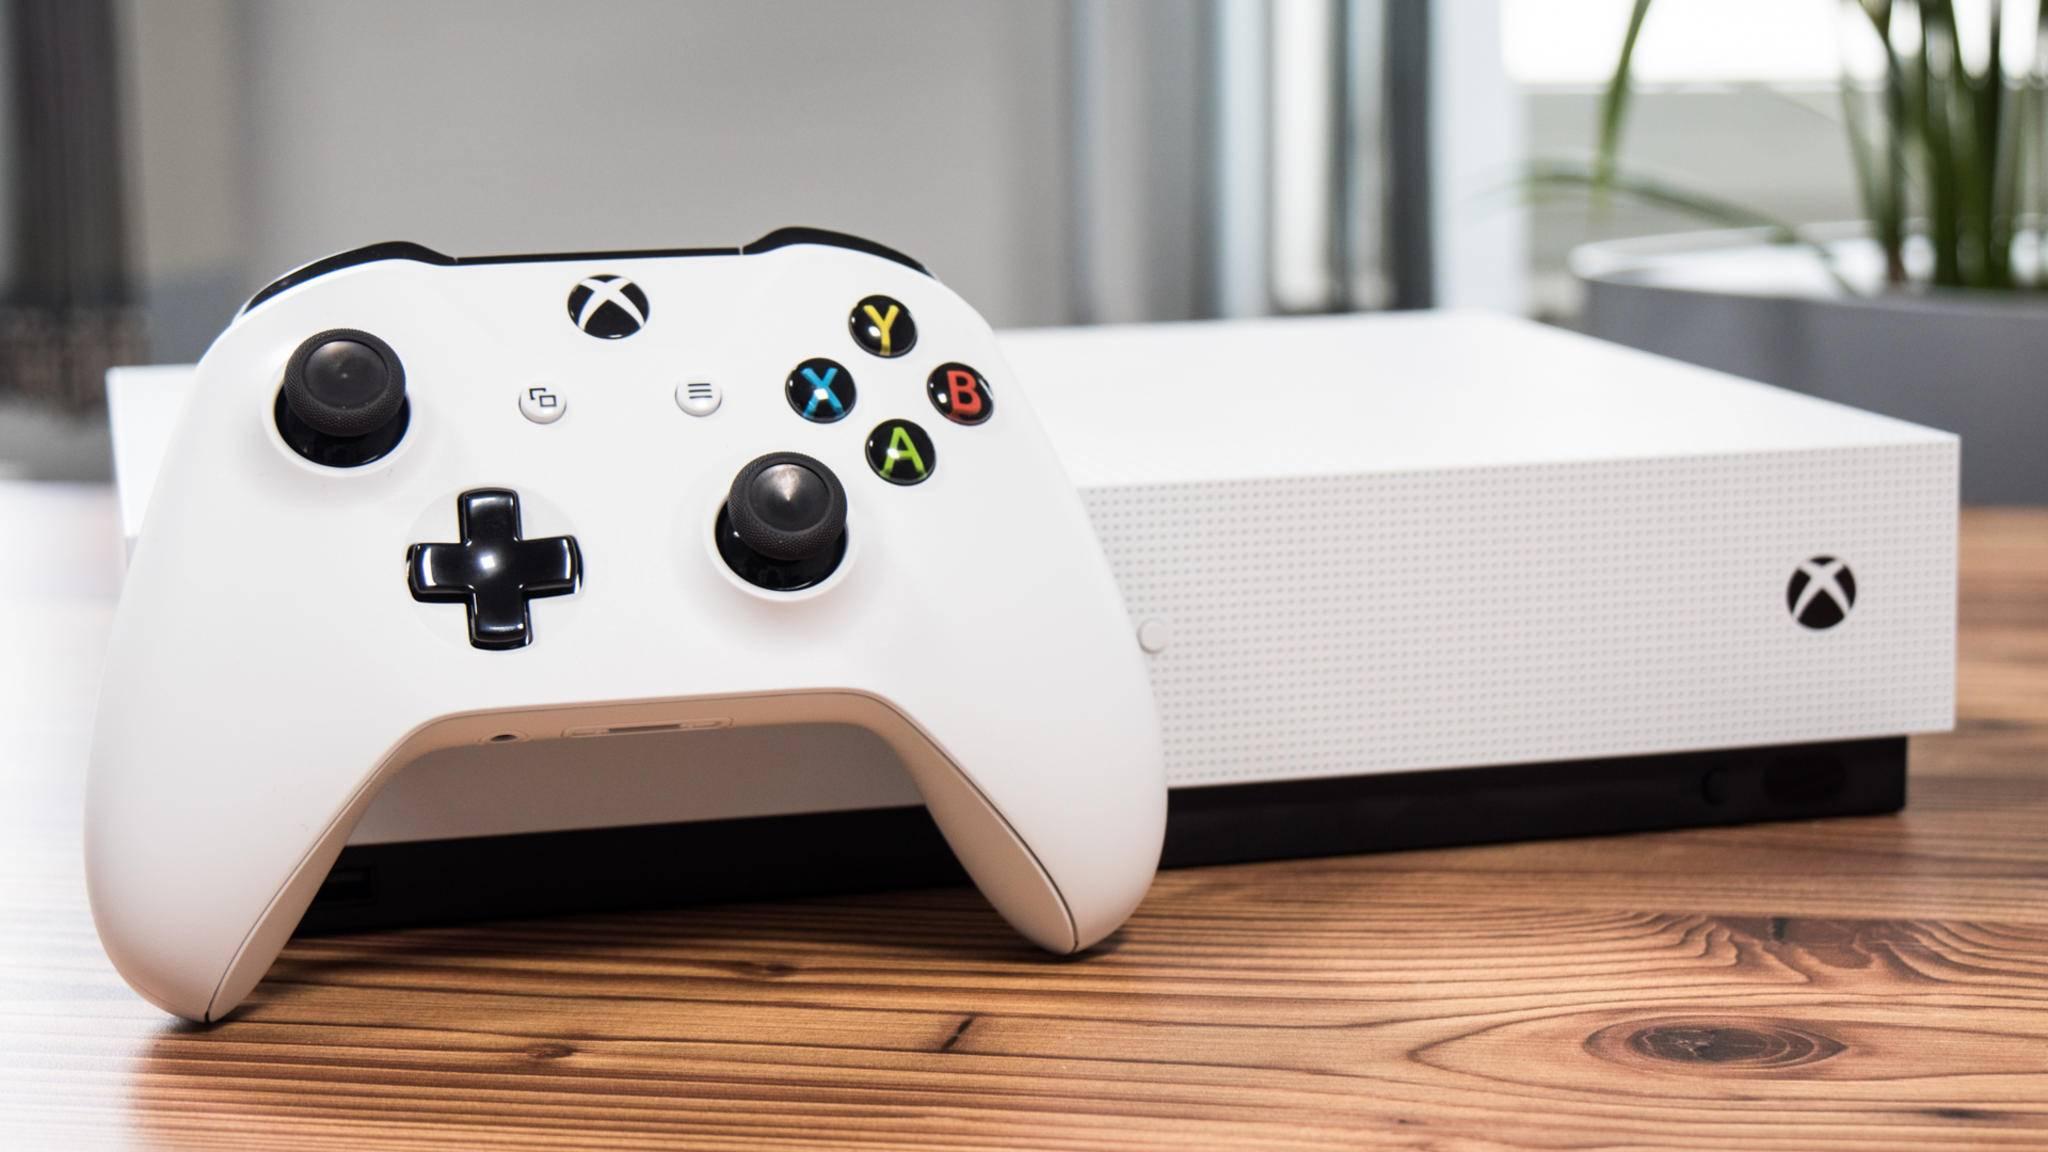 Wir führen Dich durch die Einrichtung Deiner neuen Xbox One.